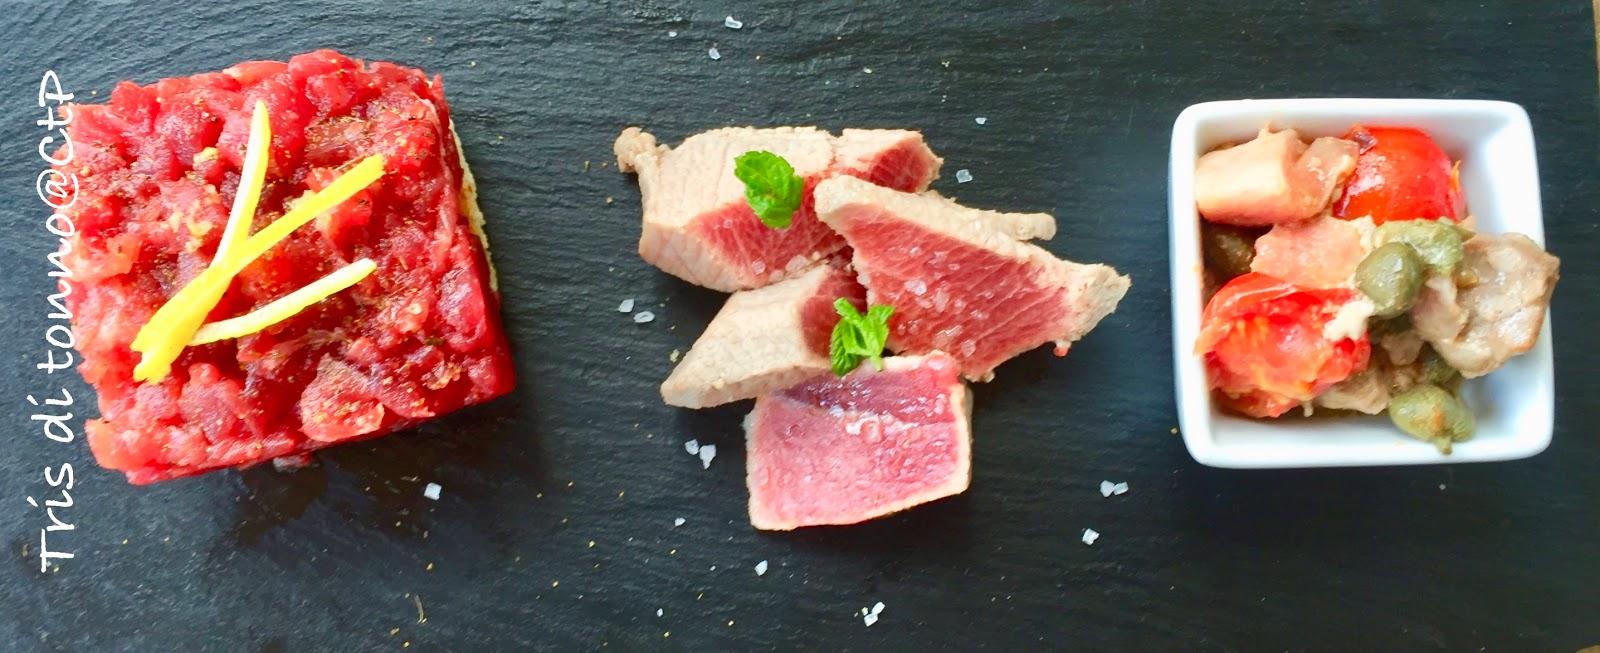 Tartare di tonno su base croccante - spezzatino di tonno in vaso cottura -  scotatta di tonno alessandra ruggeri finocchietto selvativo capperi